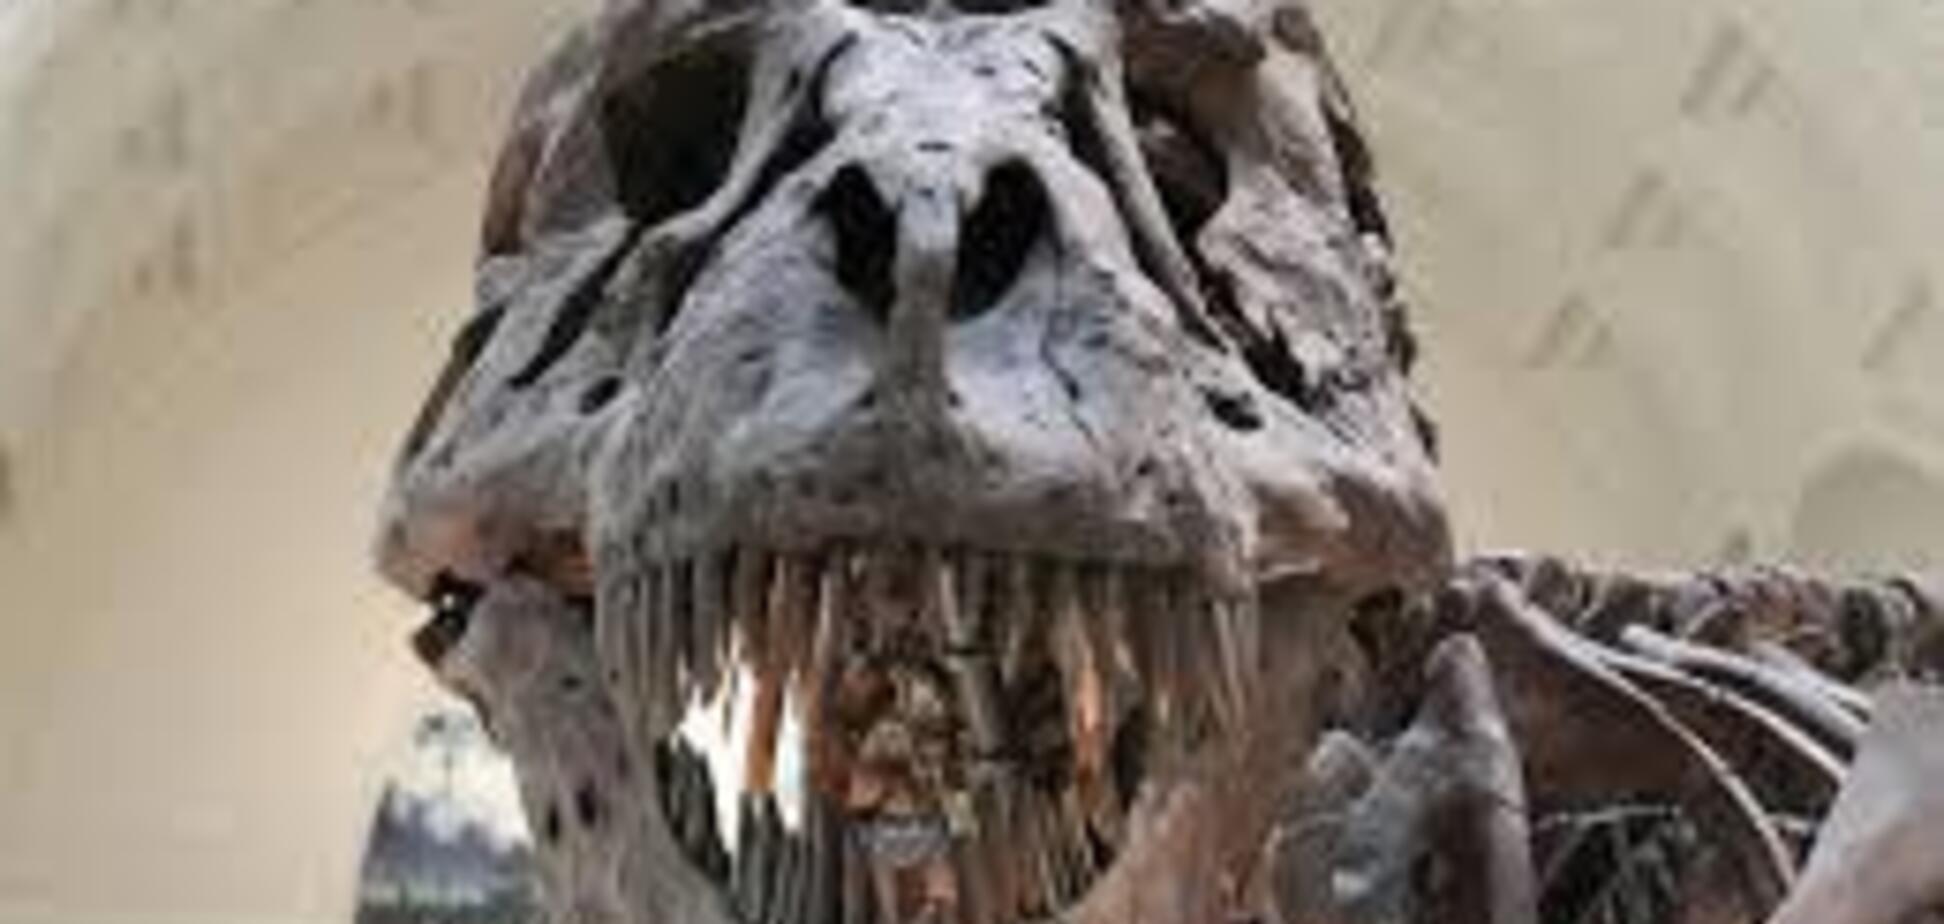 Житель Узбекистана обнаружил скелет динозавра под домом: фото впечатляющей находки